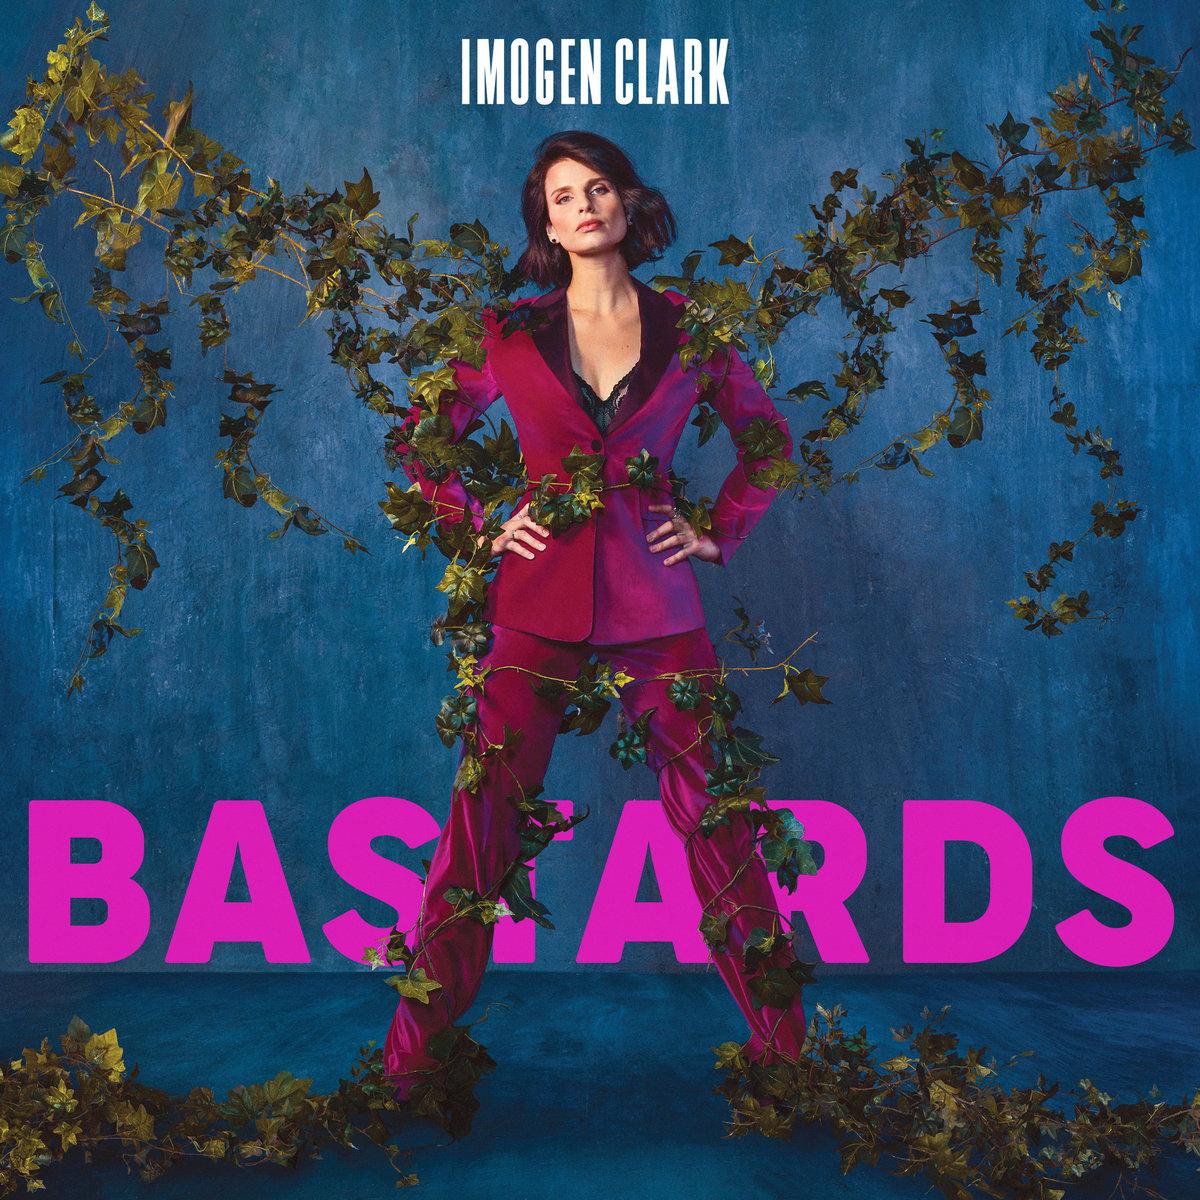 Imogen Clark